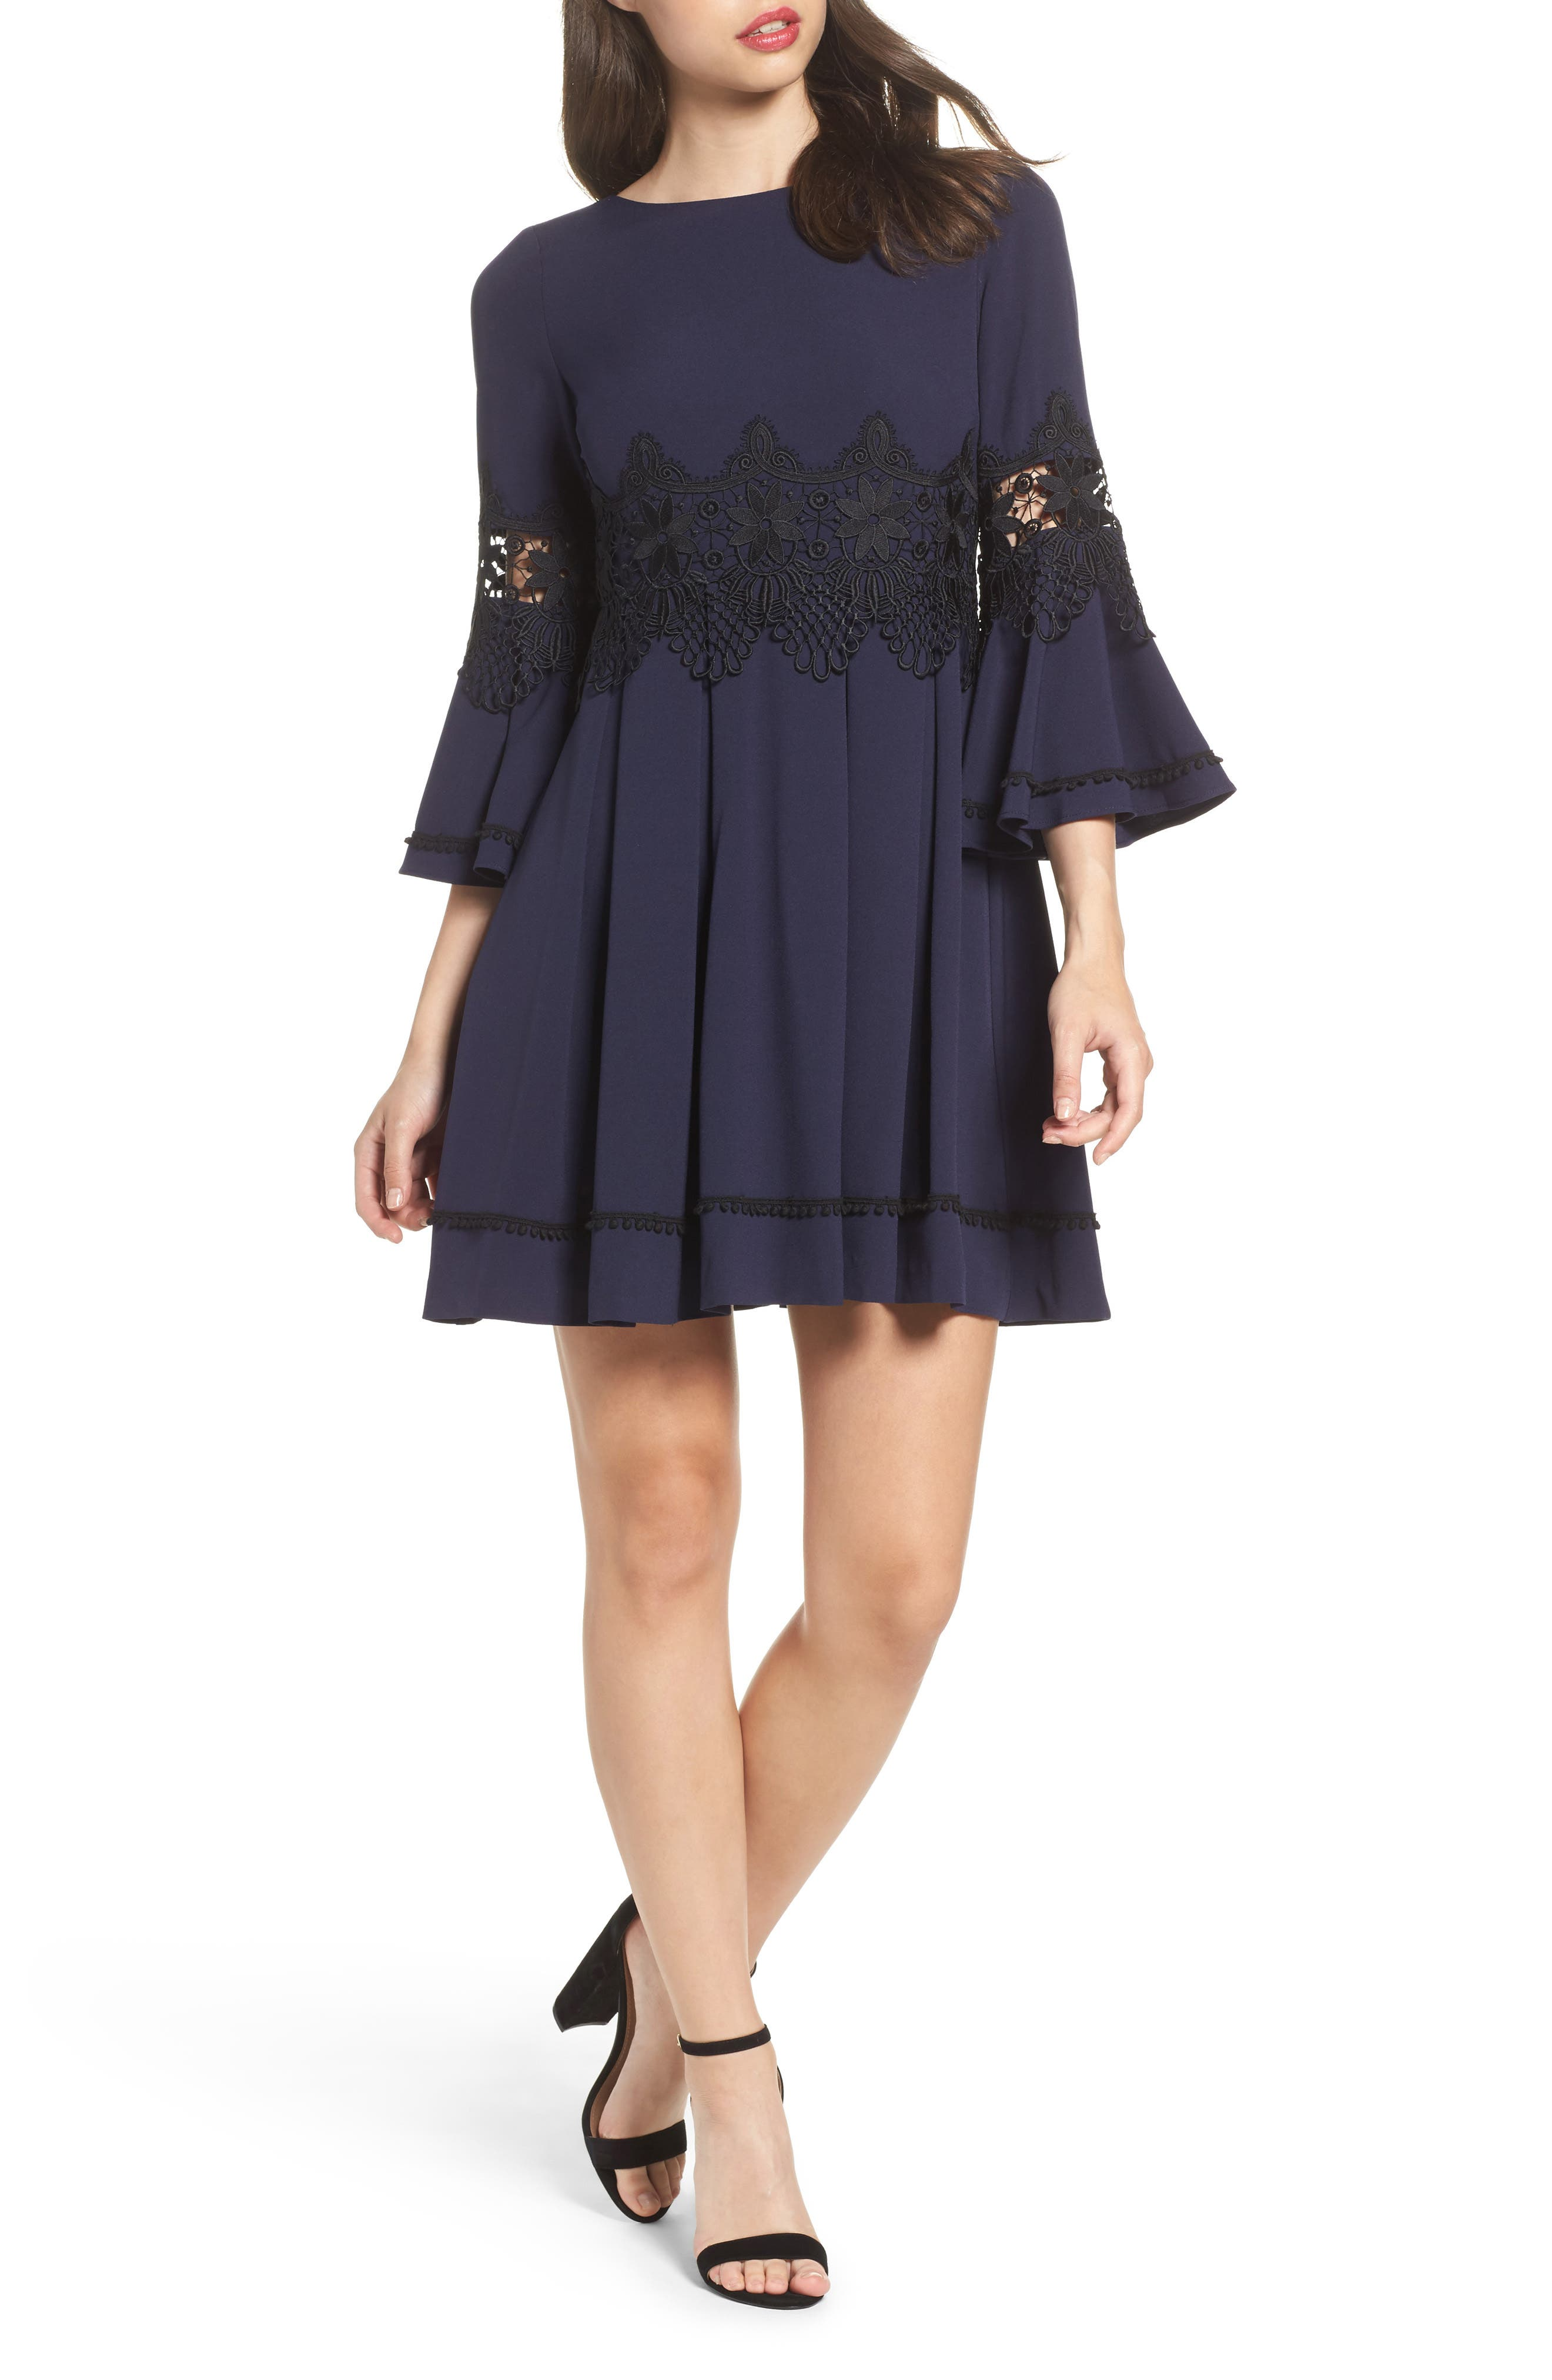 Lace Detail A-Line Dress,                         Main,                         color, Navy/ Black